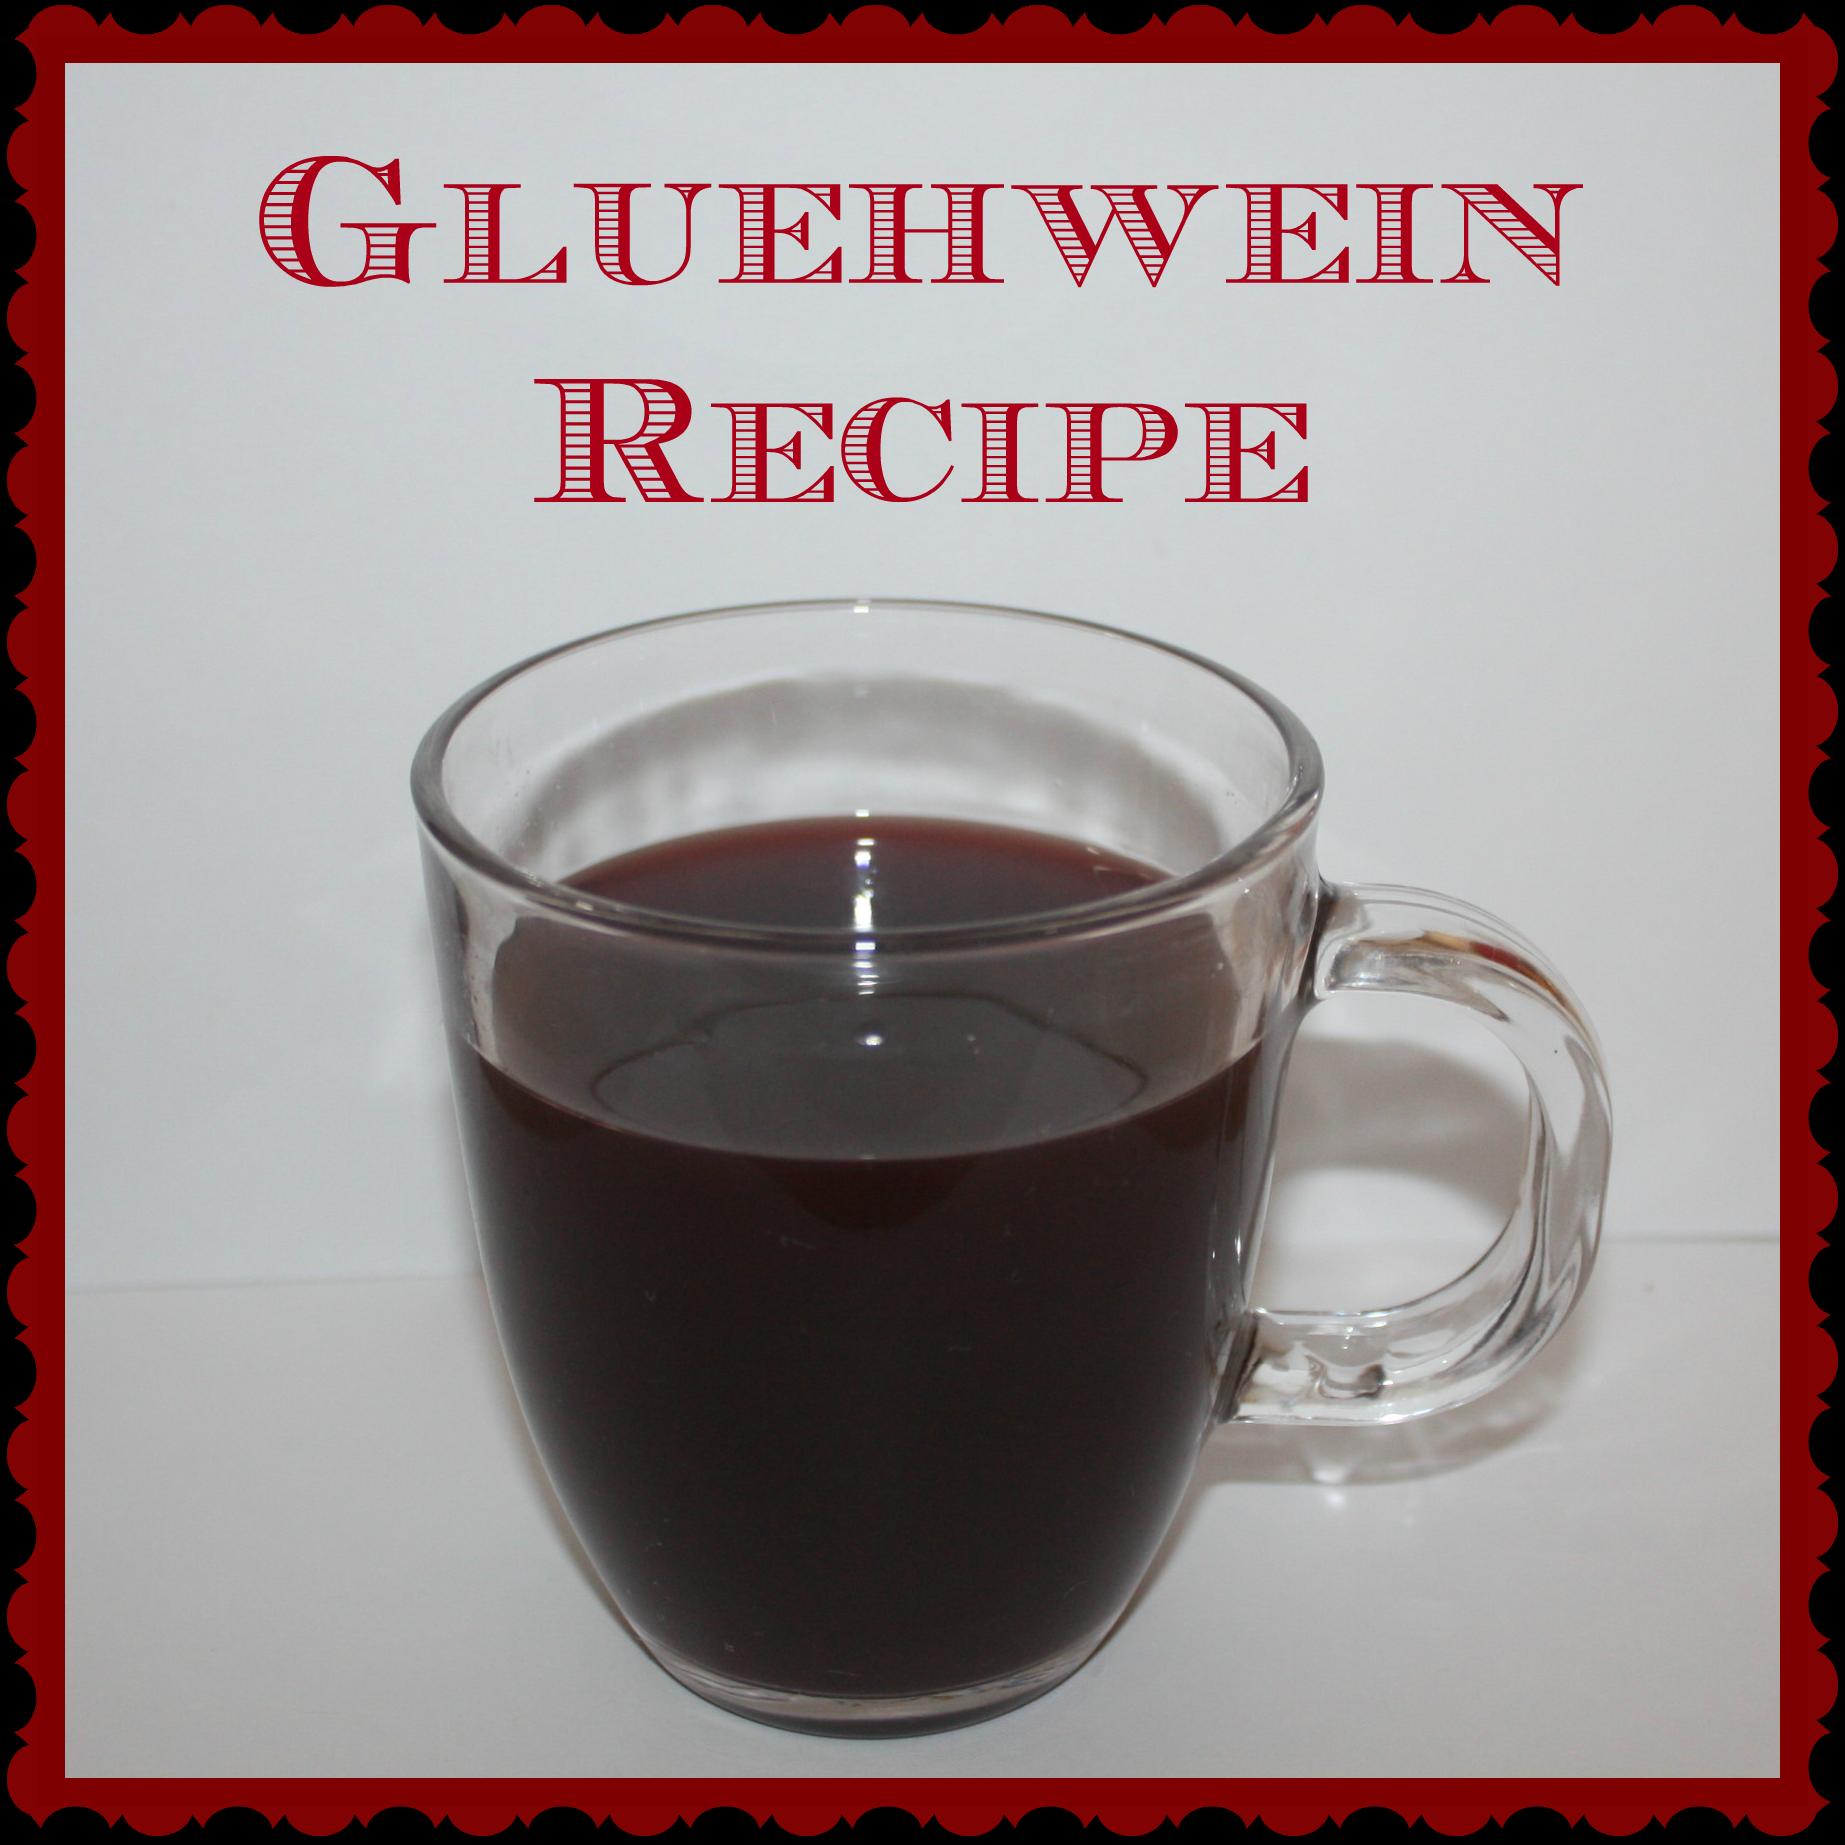 gluehwein